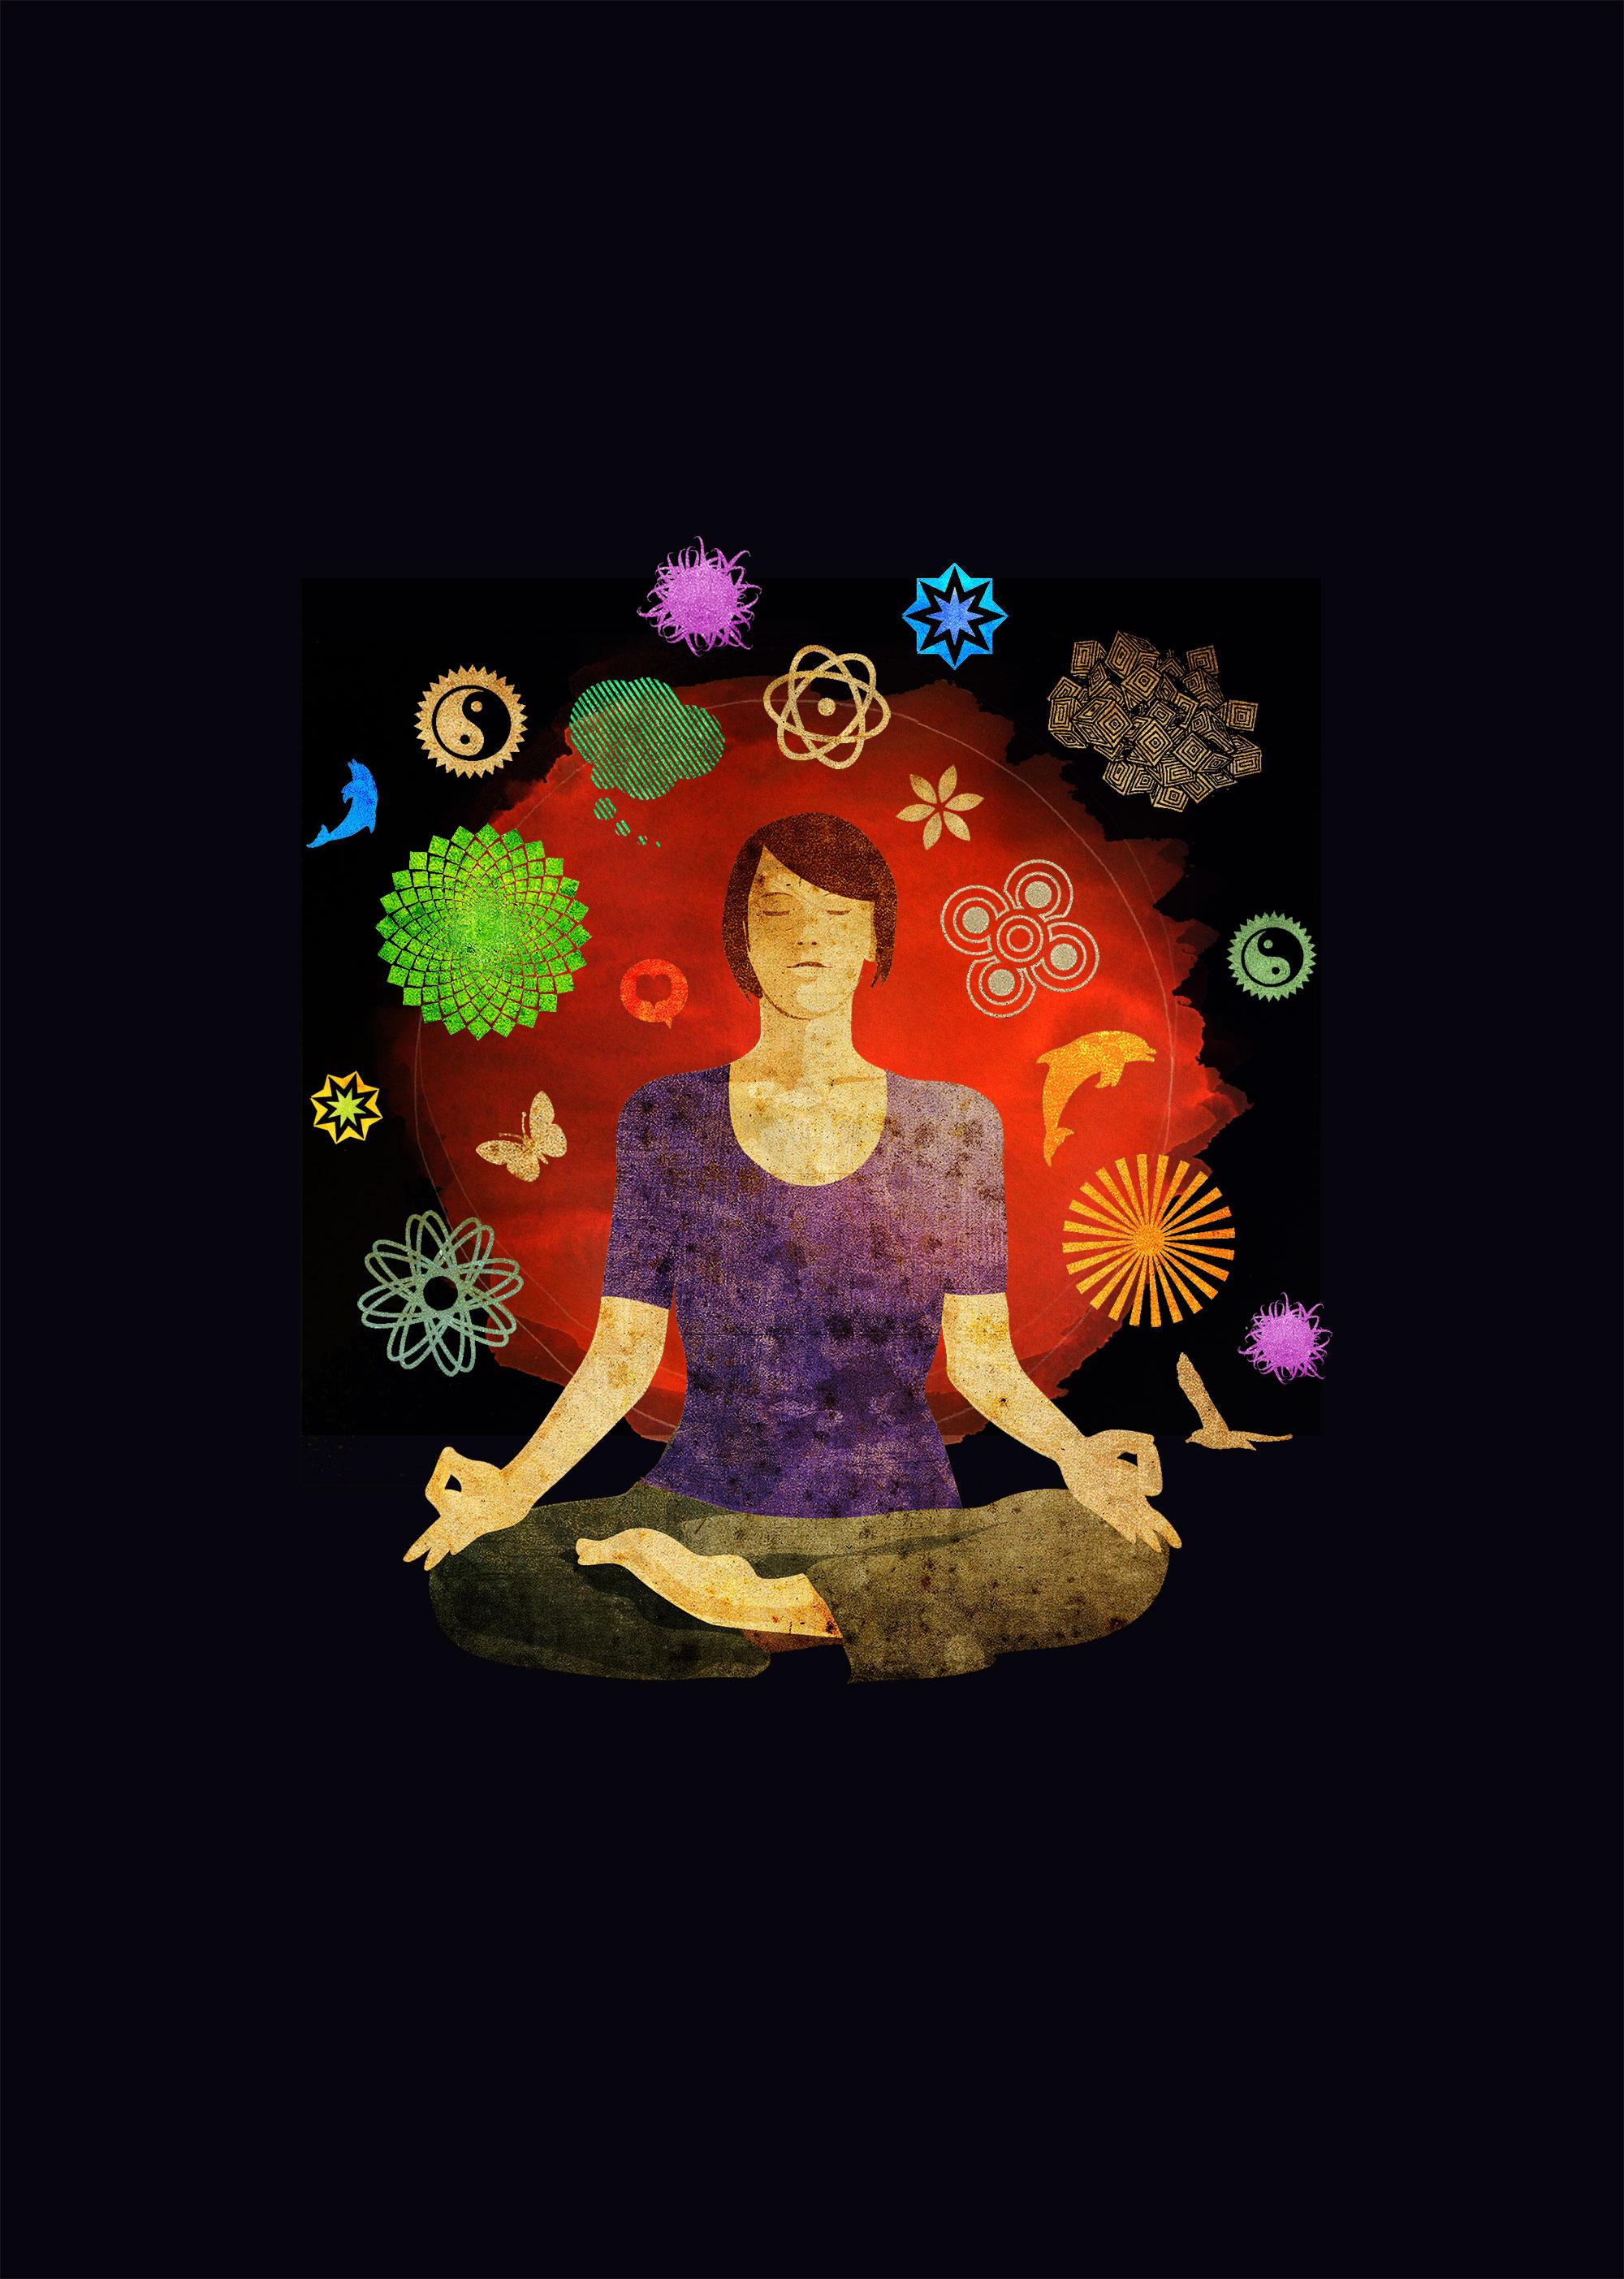 Bewusstseinserweiterung-(01)